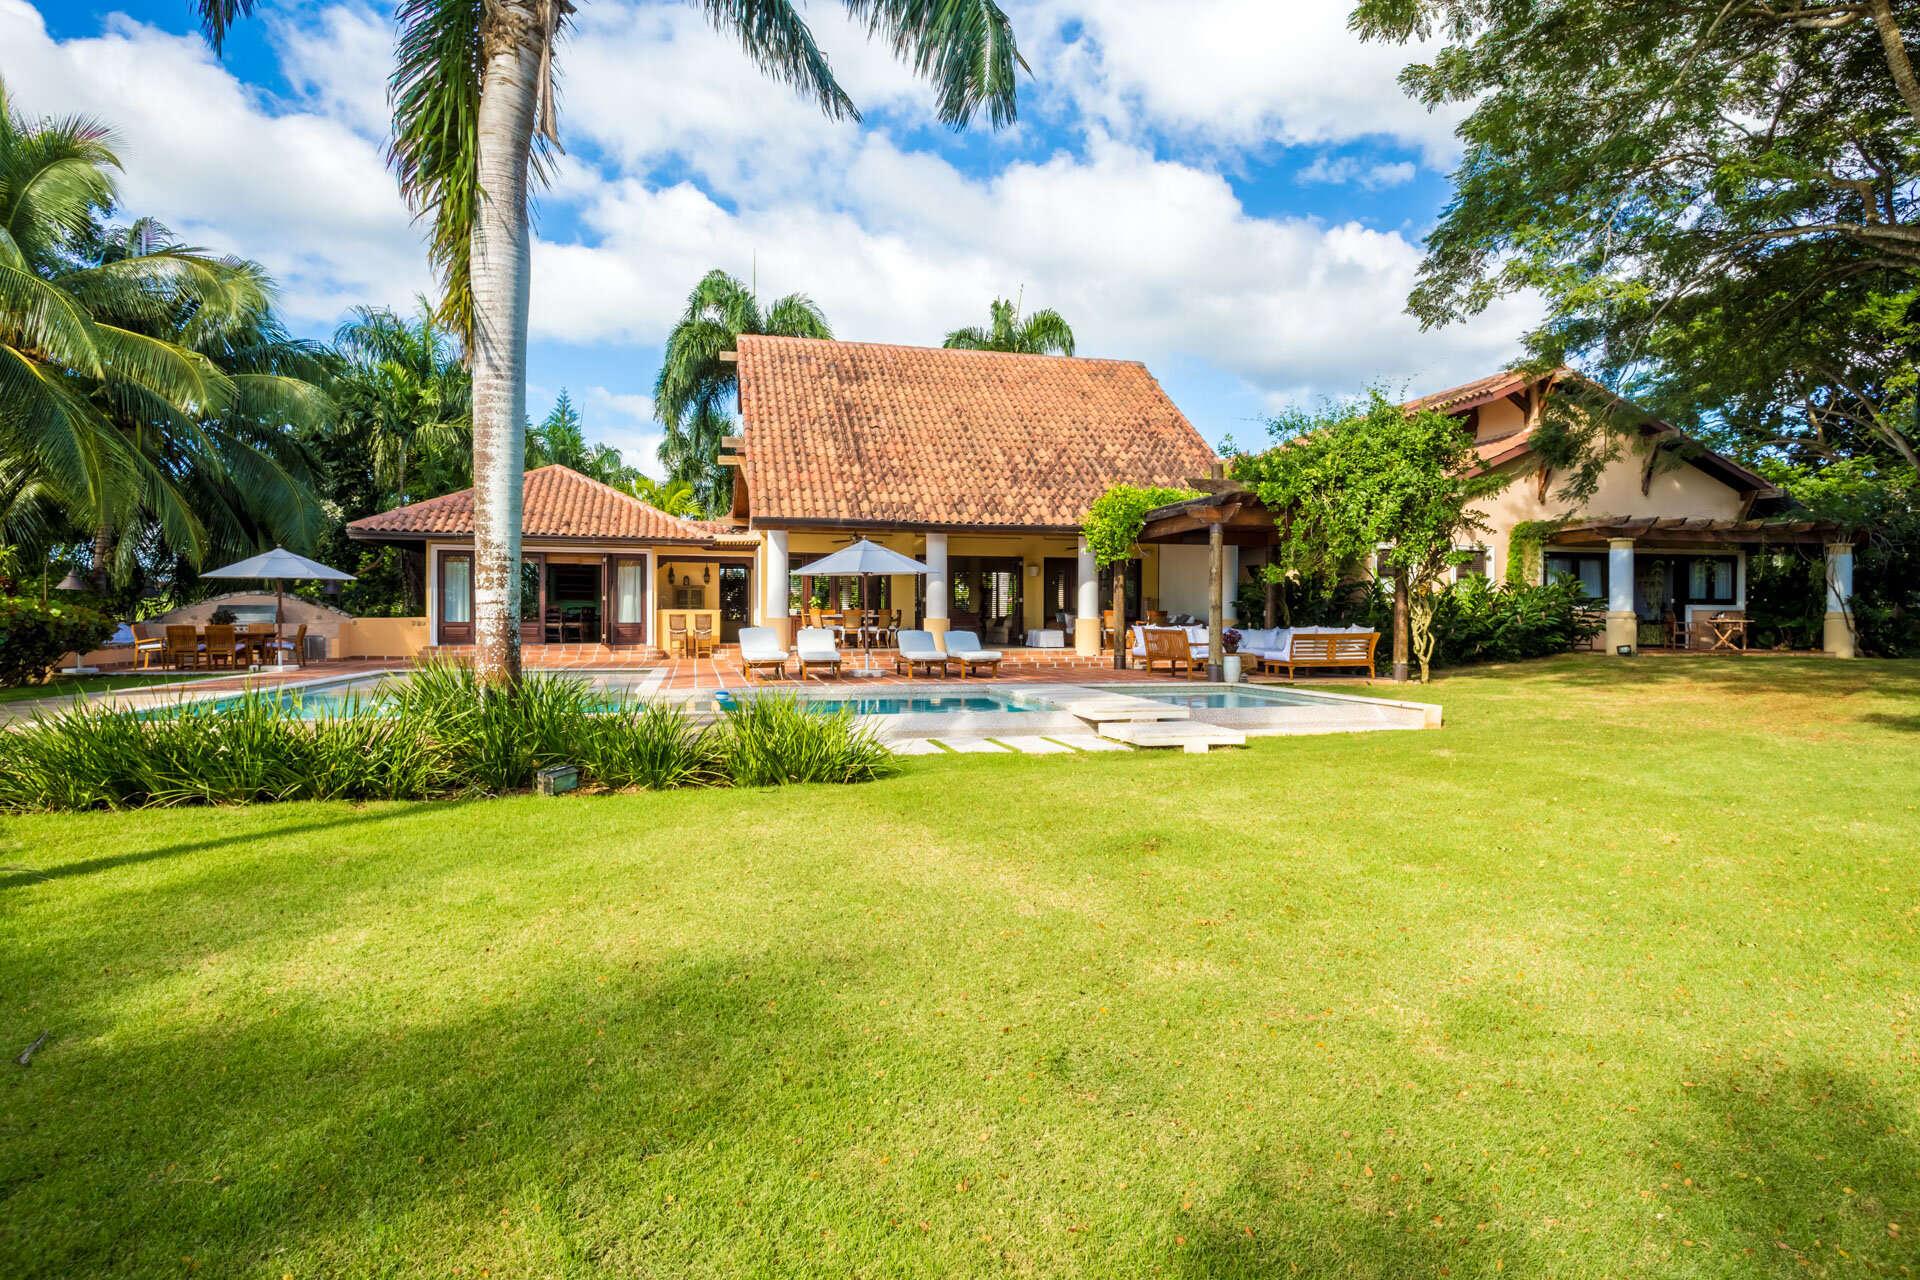 Luxury villa rentals caribbean - Dominican republic - Casa decampo - No location 4 - Las Colinas 16 - Image 1/16